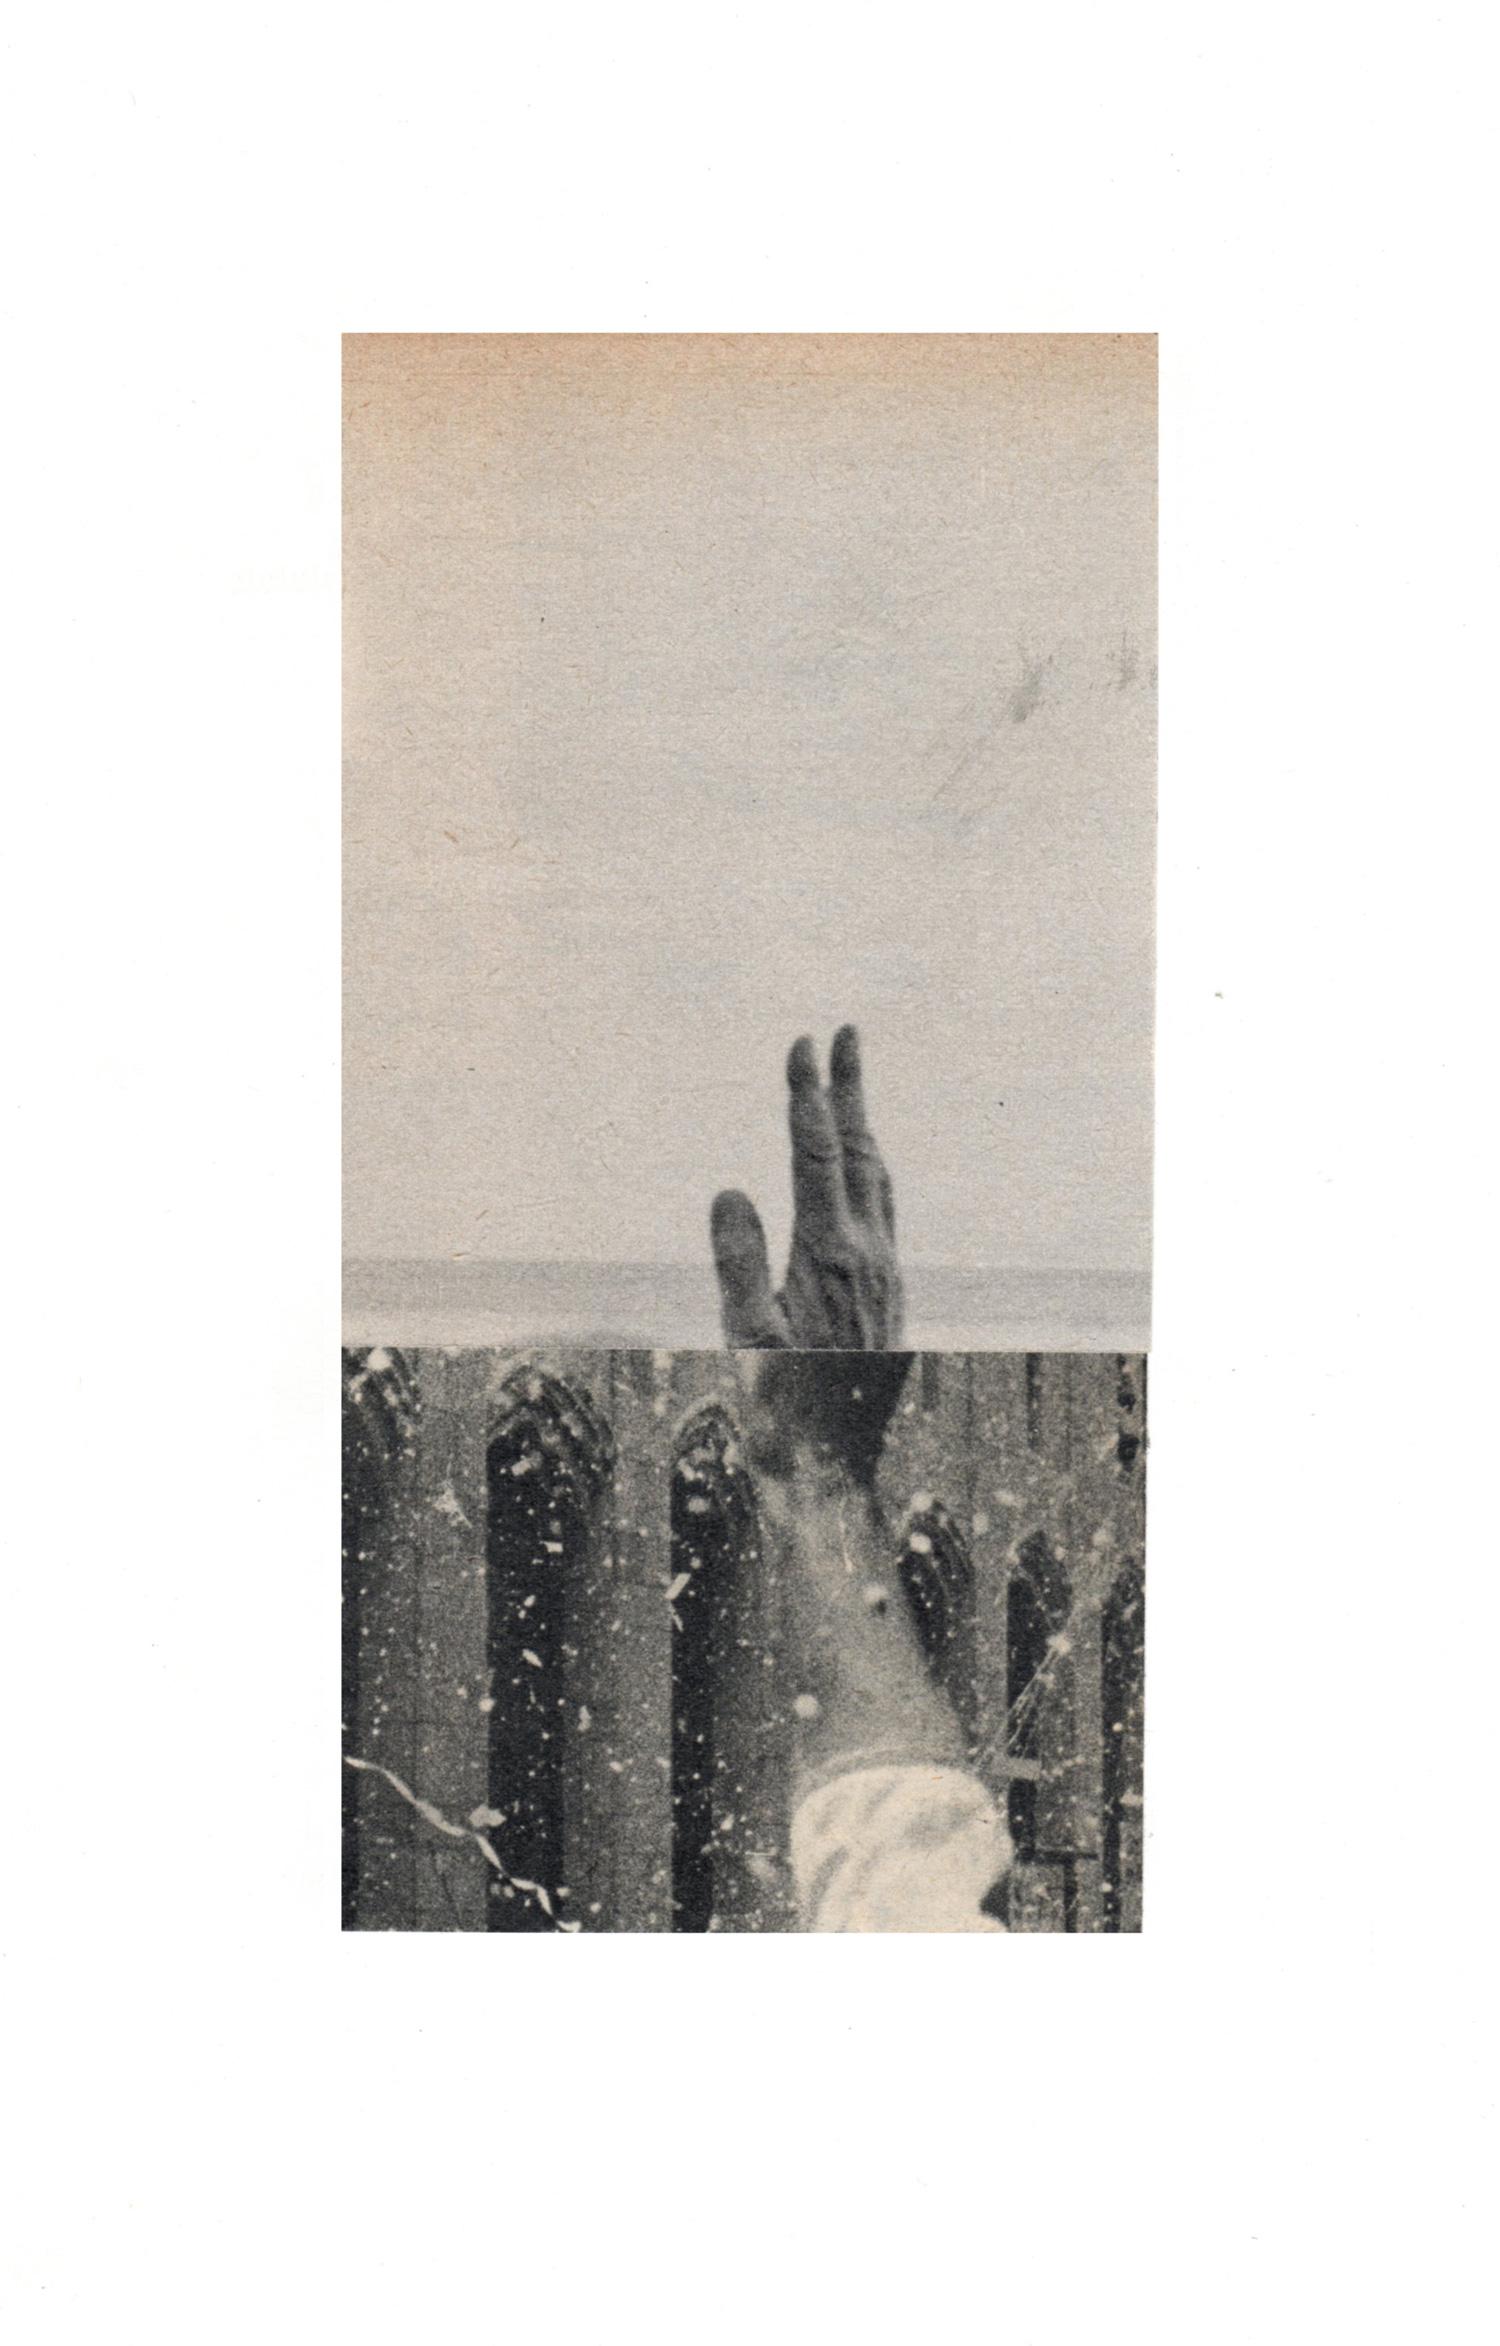 David-Delruelle-hand.jpg